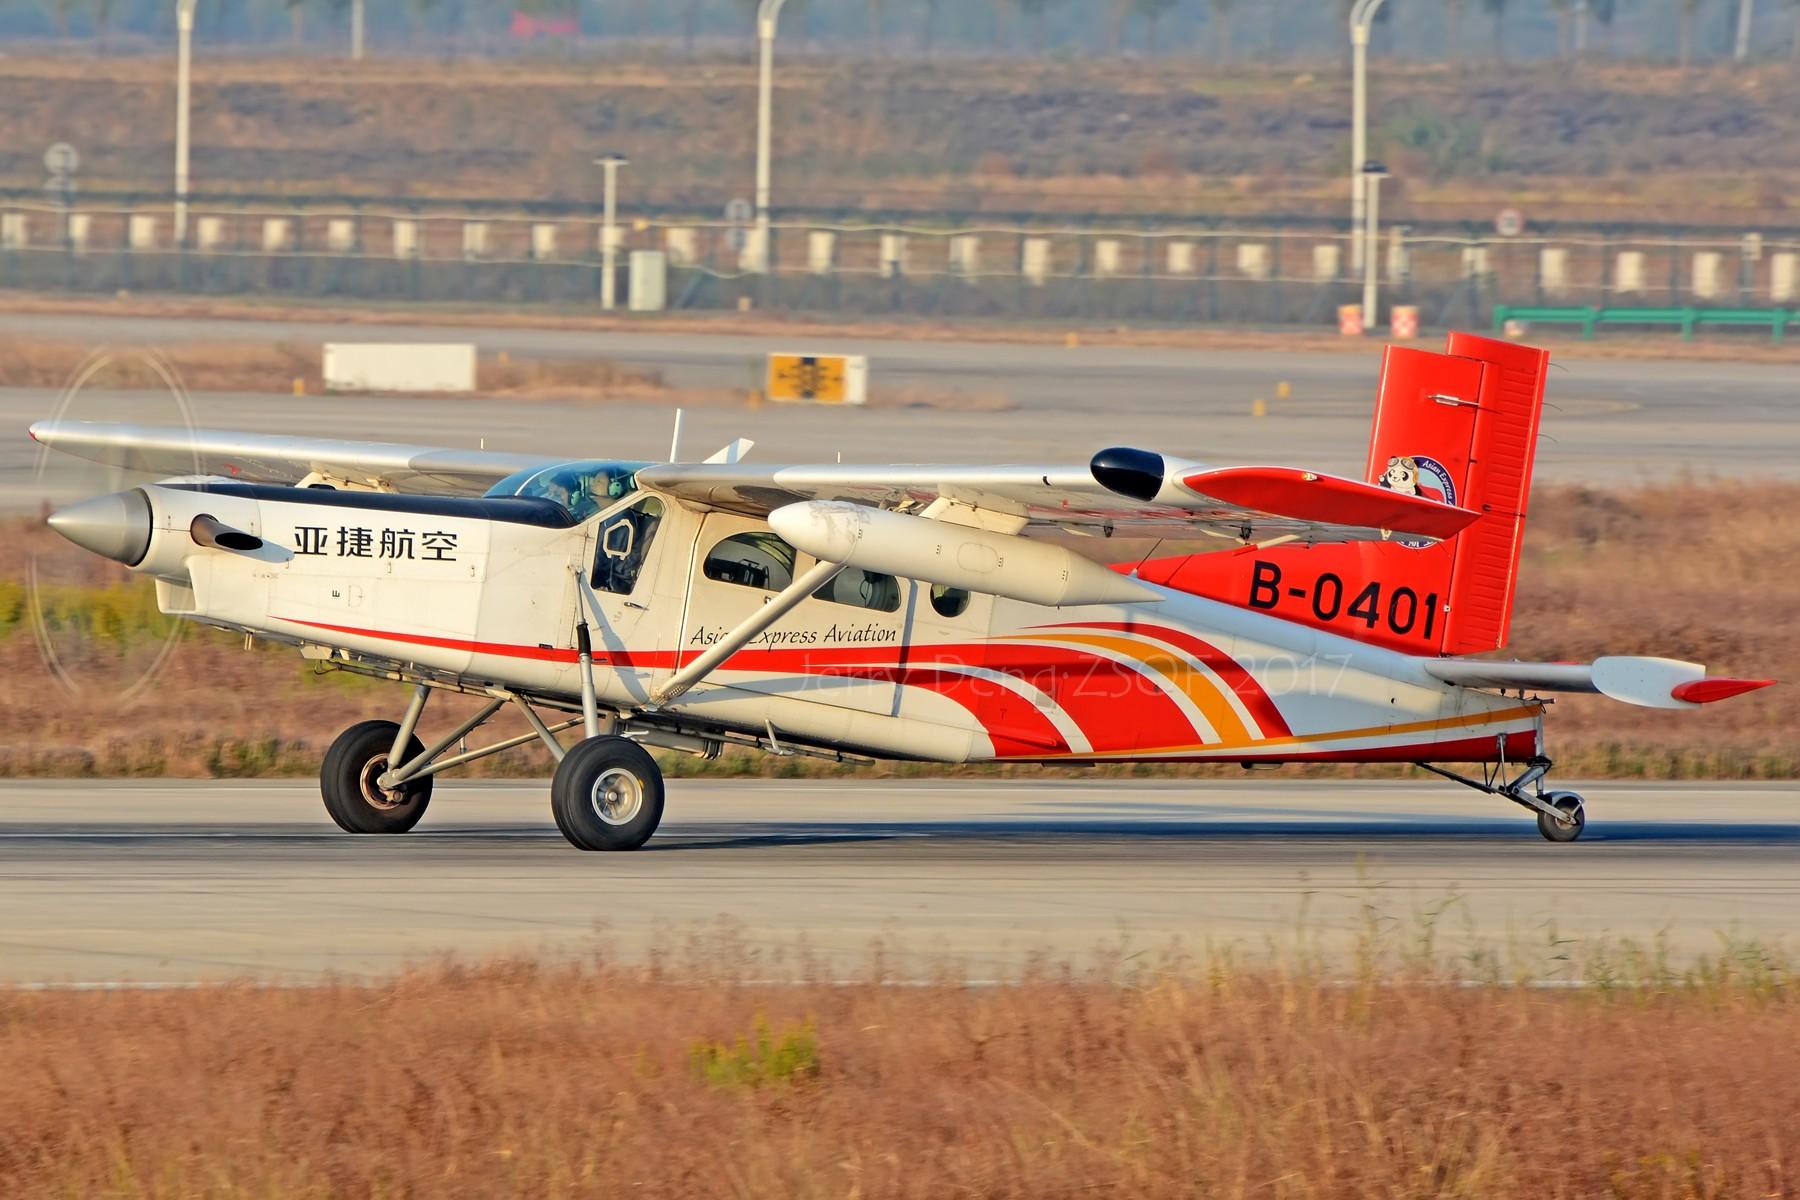 【多图党】Asian Express Aviation Pilatus PC-6/B2-H4 PILATUS  PC-6/B2-H4 B-0401 中国合肥新桥国际机场